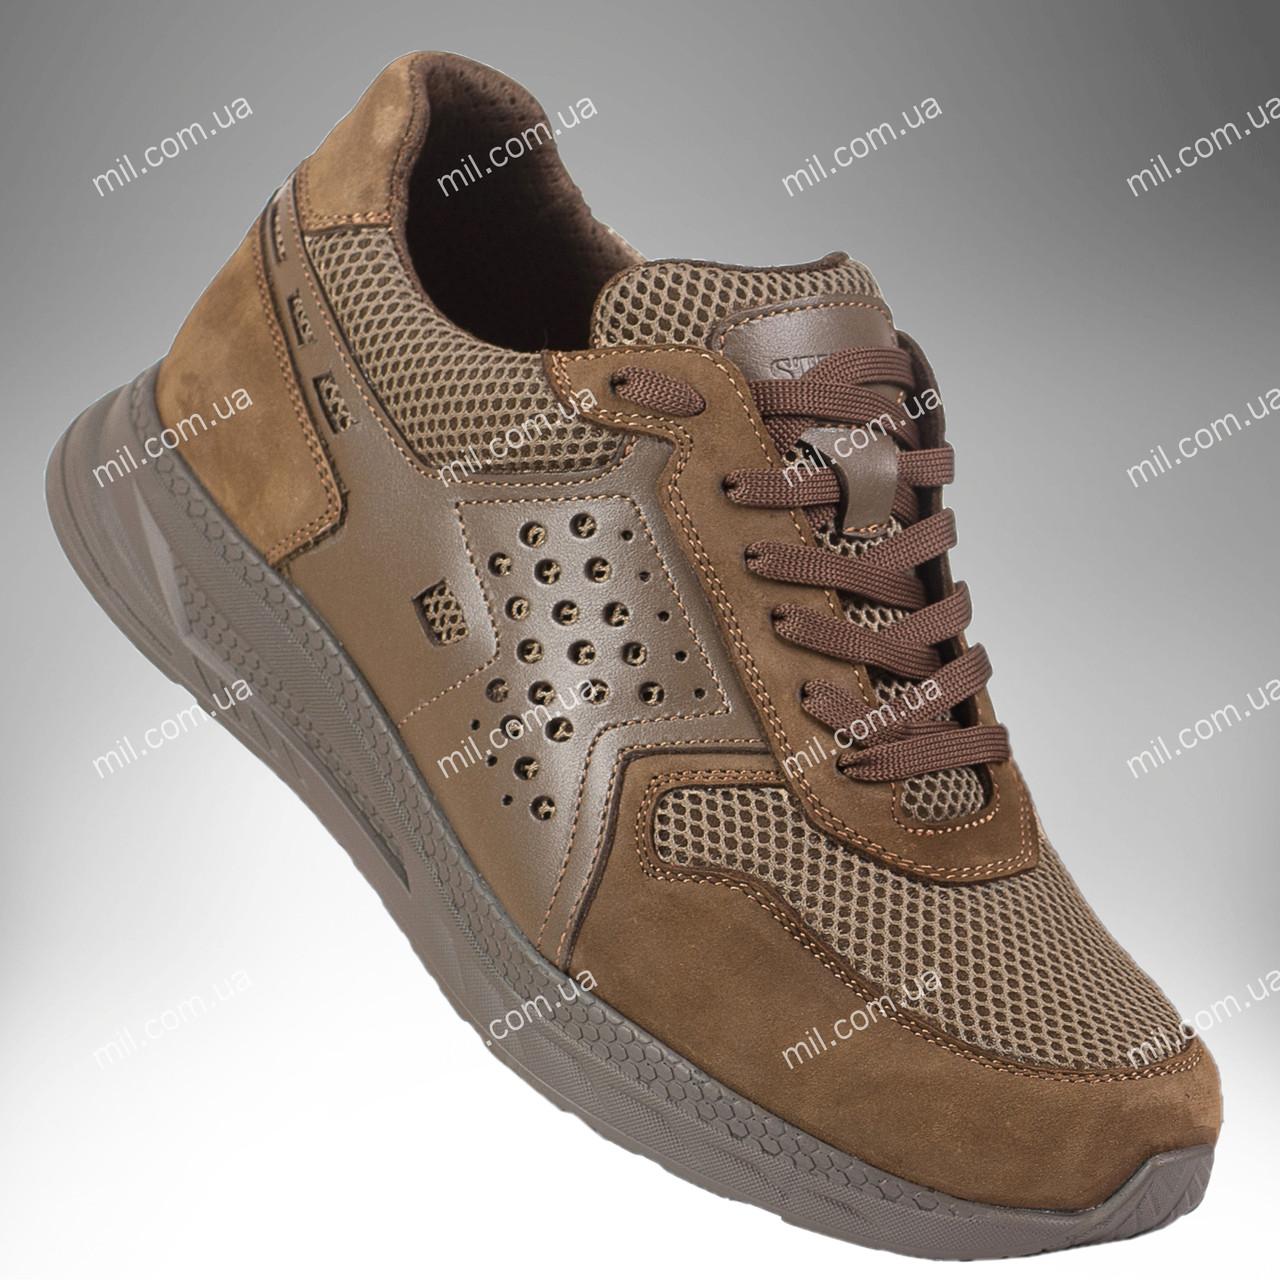 Тактические кроссовки демисезонные / армейская военная обувь RANGER Force (койот)